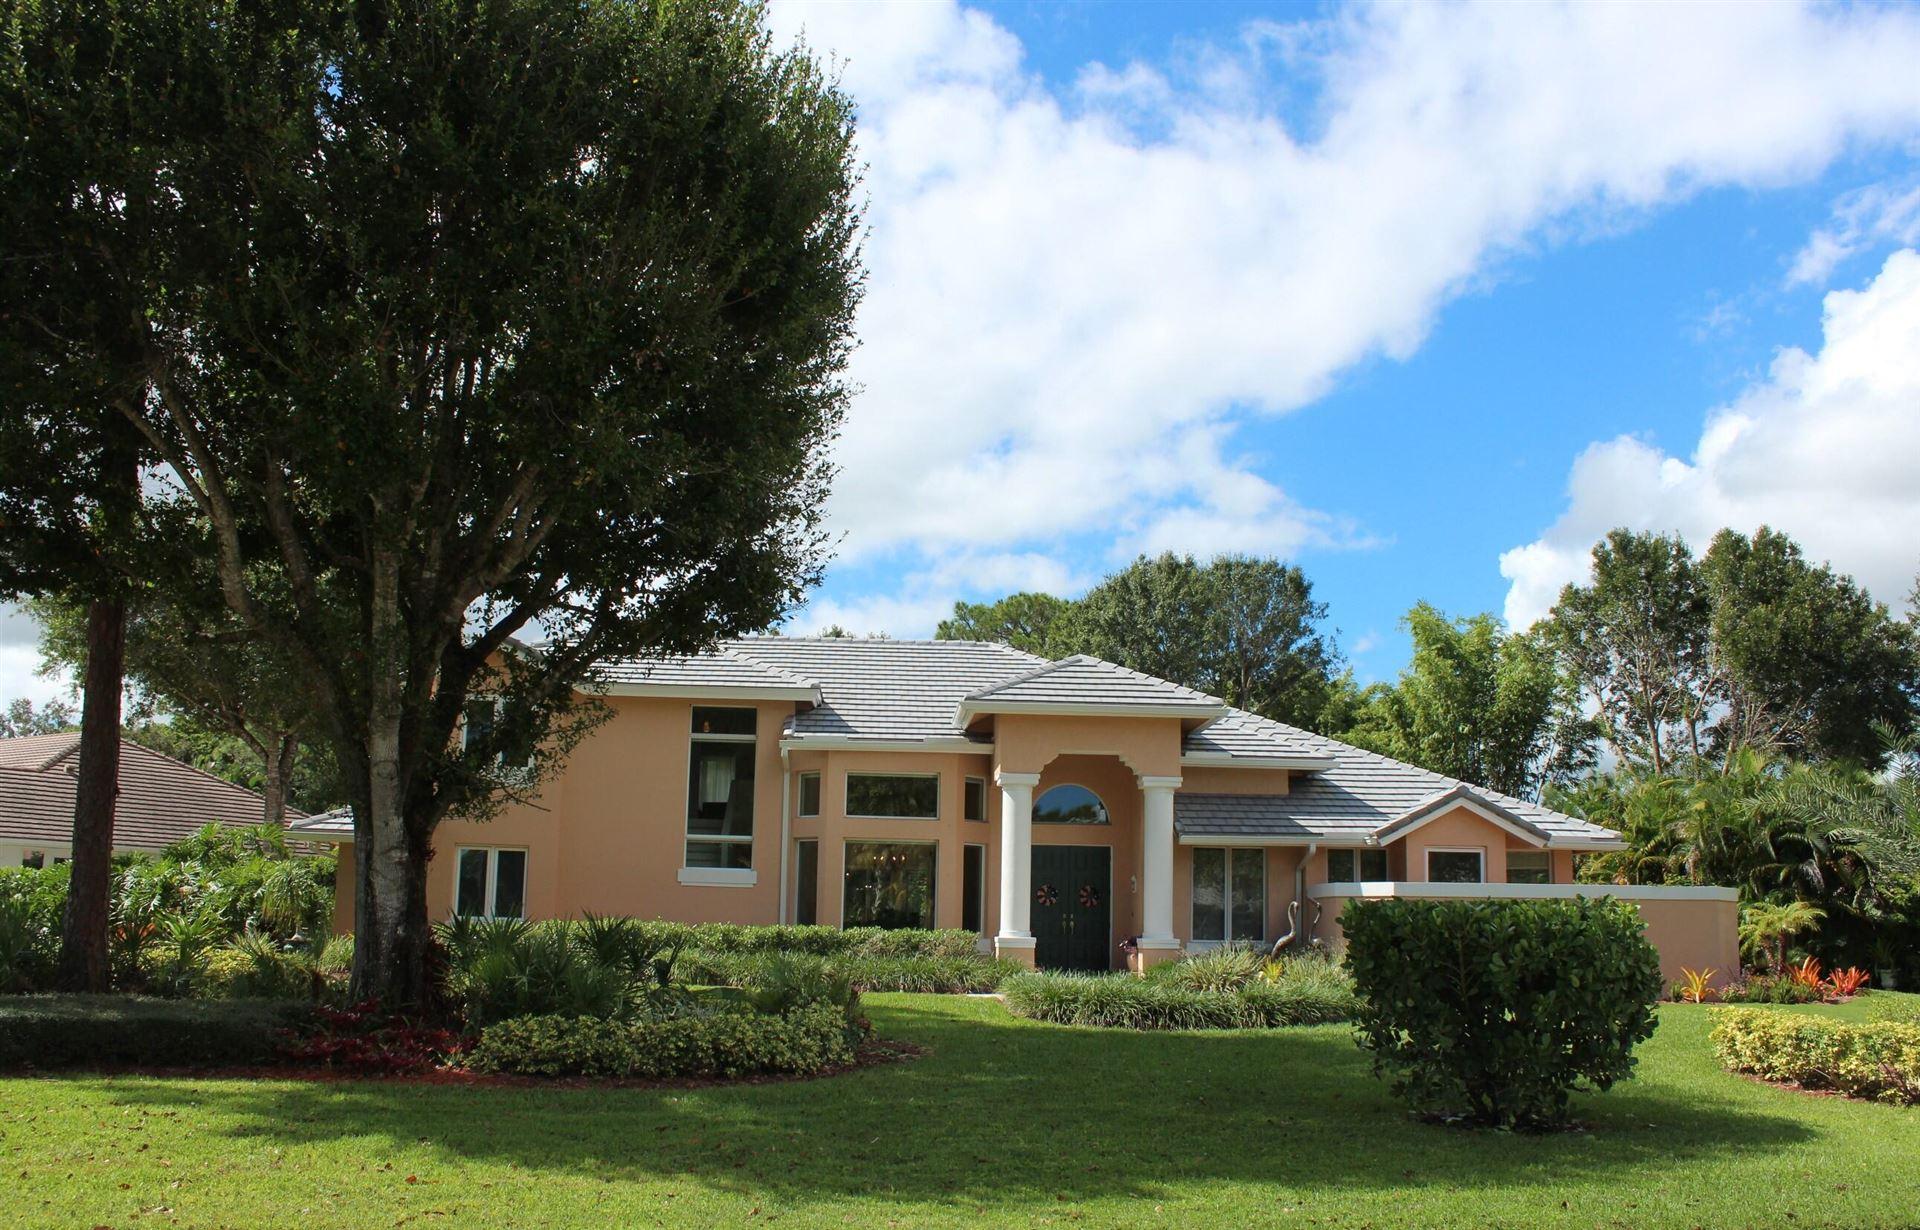 7813 Long Cove Way, Port Saint Lucie, FL 34986 - MLS#: RX-10750217